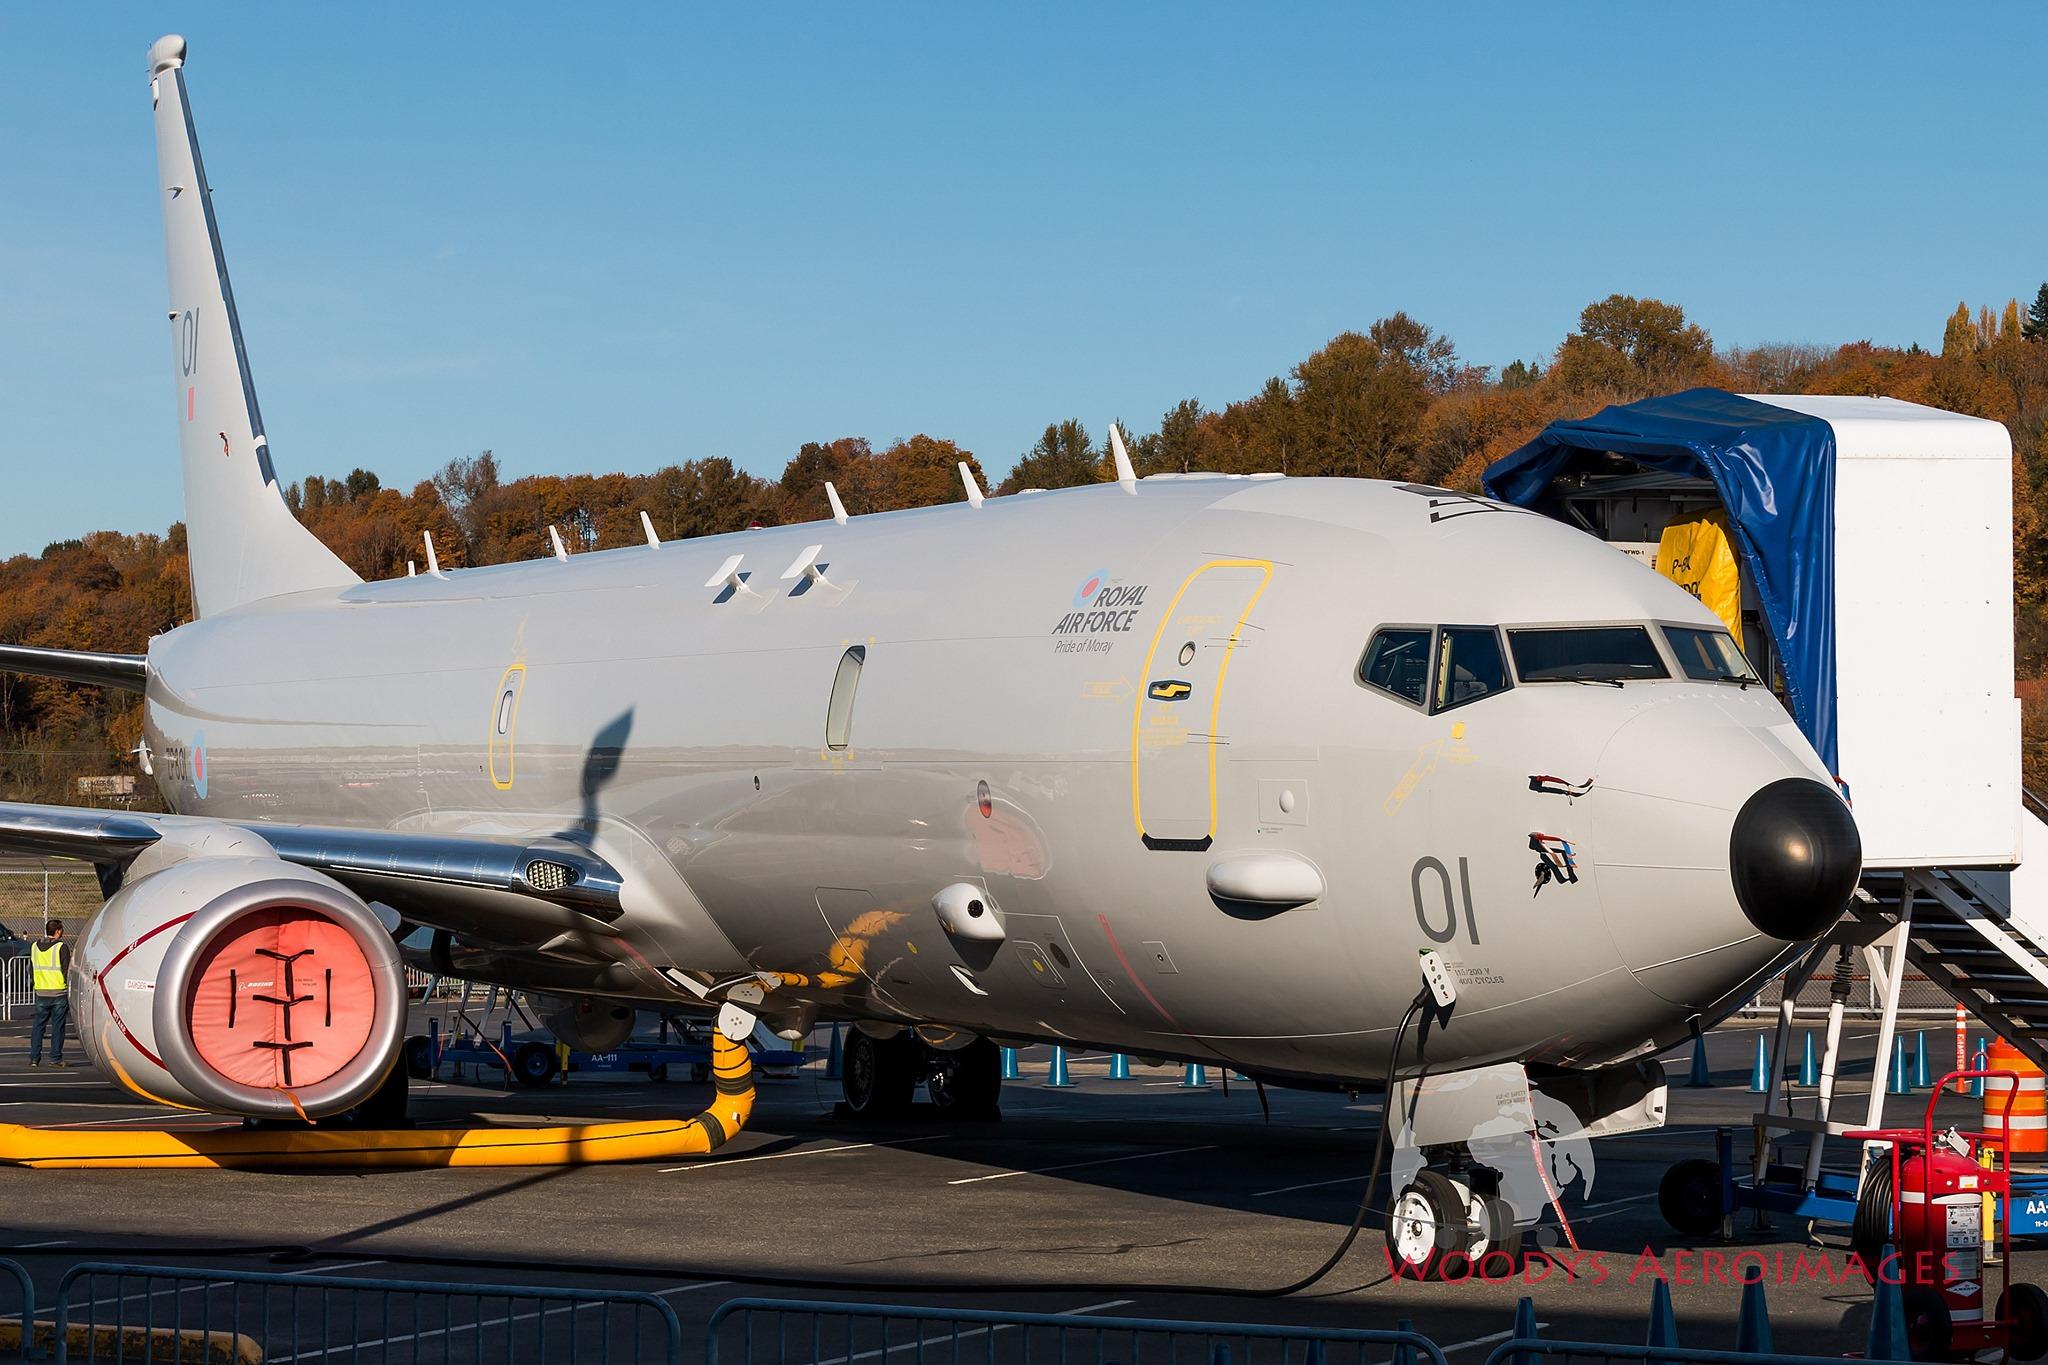 ВВС Великобритании получили первый базовый патрульный самолет Р-8А Poseidon